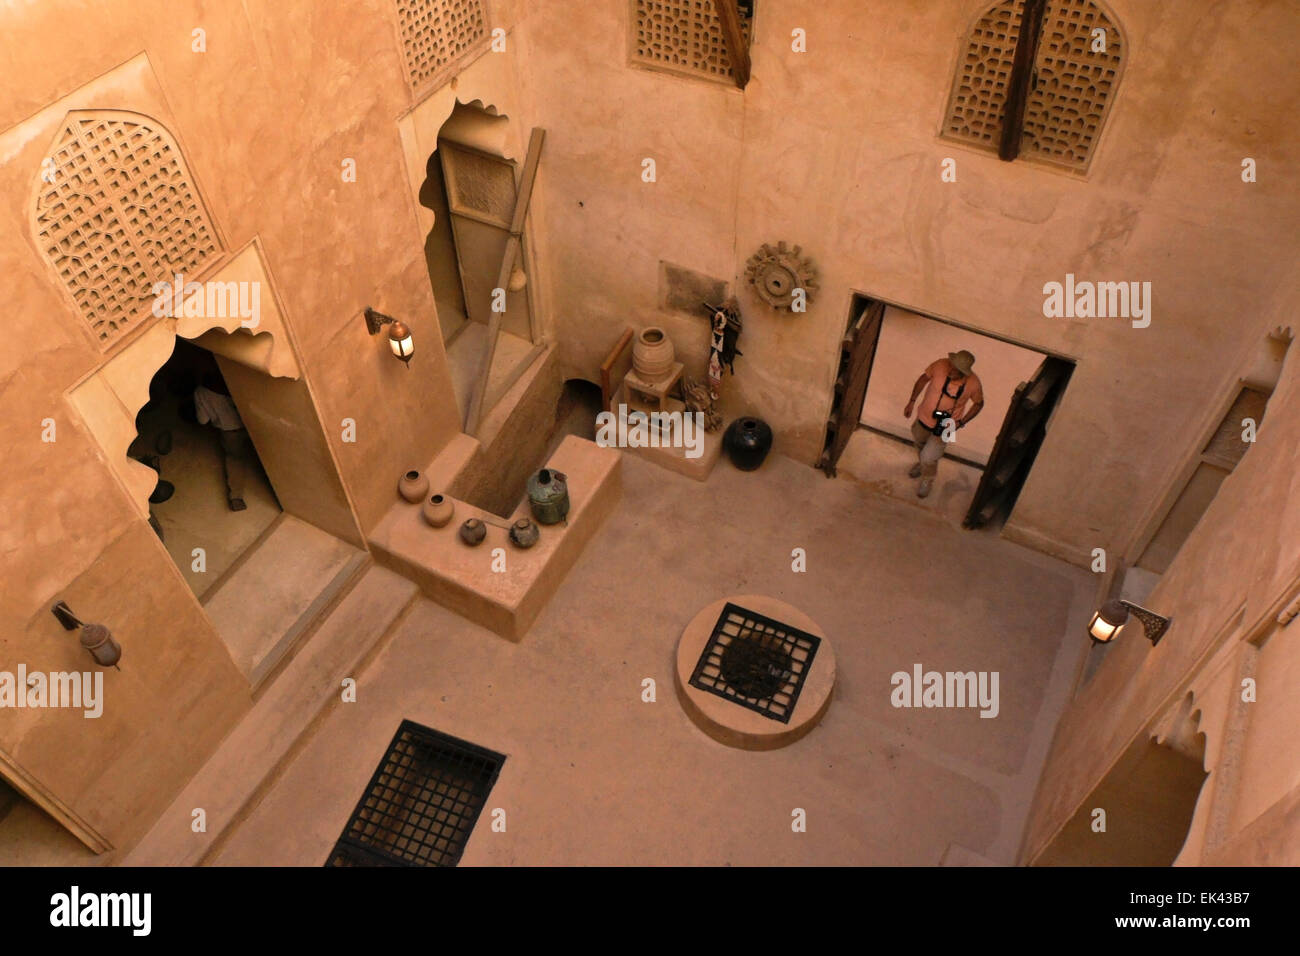 De l'intérieur (Jibreen Jabrin, Jabreen, Gibreen) Château, Oman Photo Stock